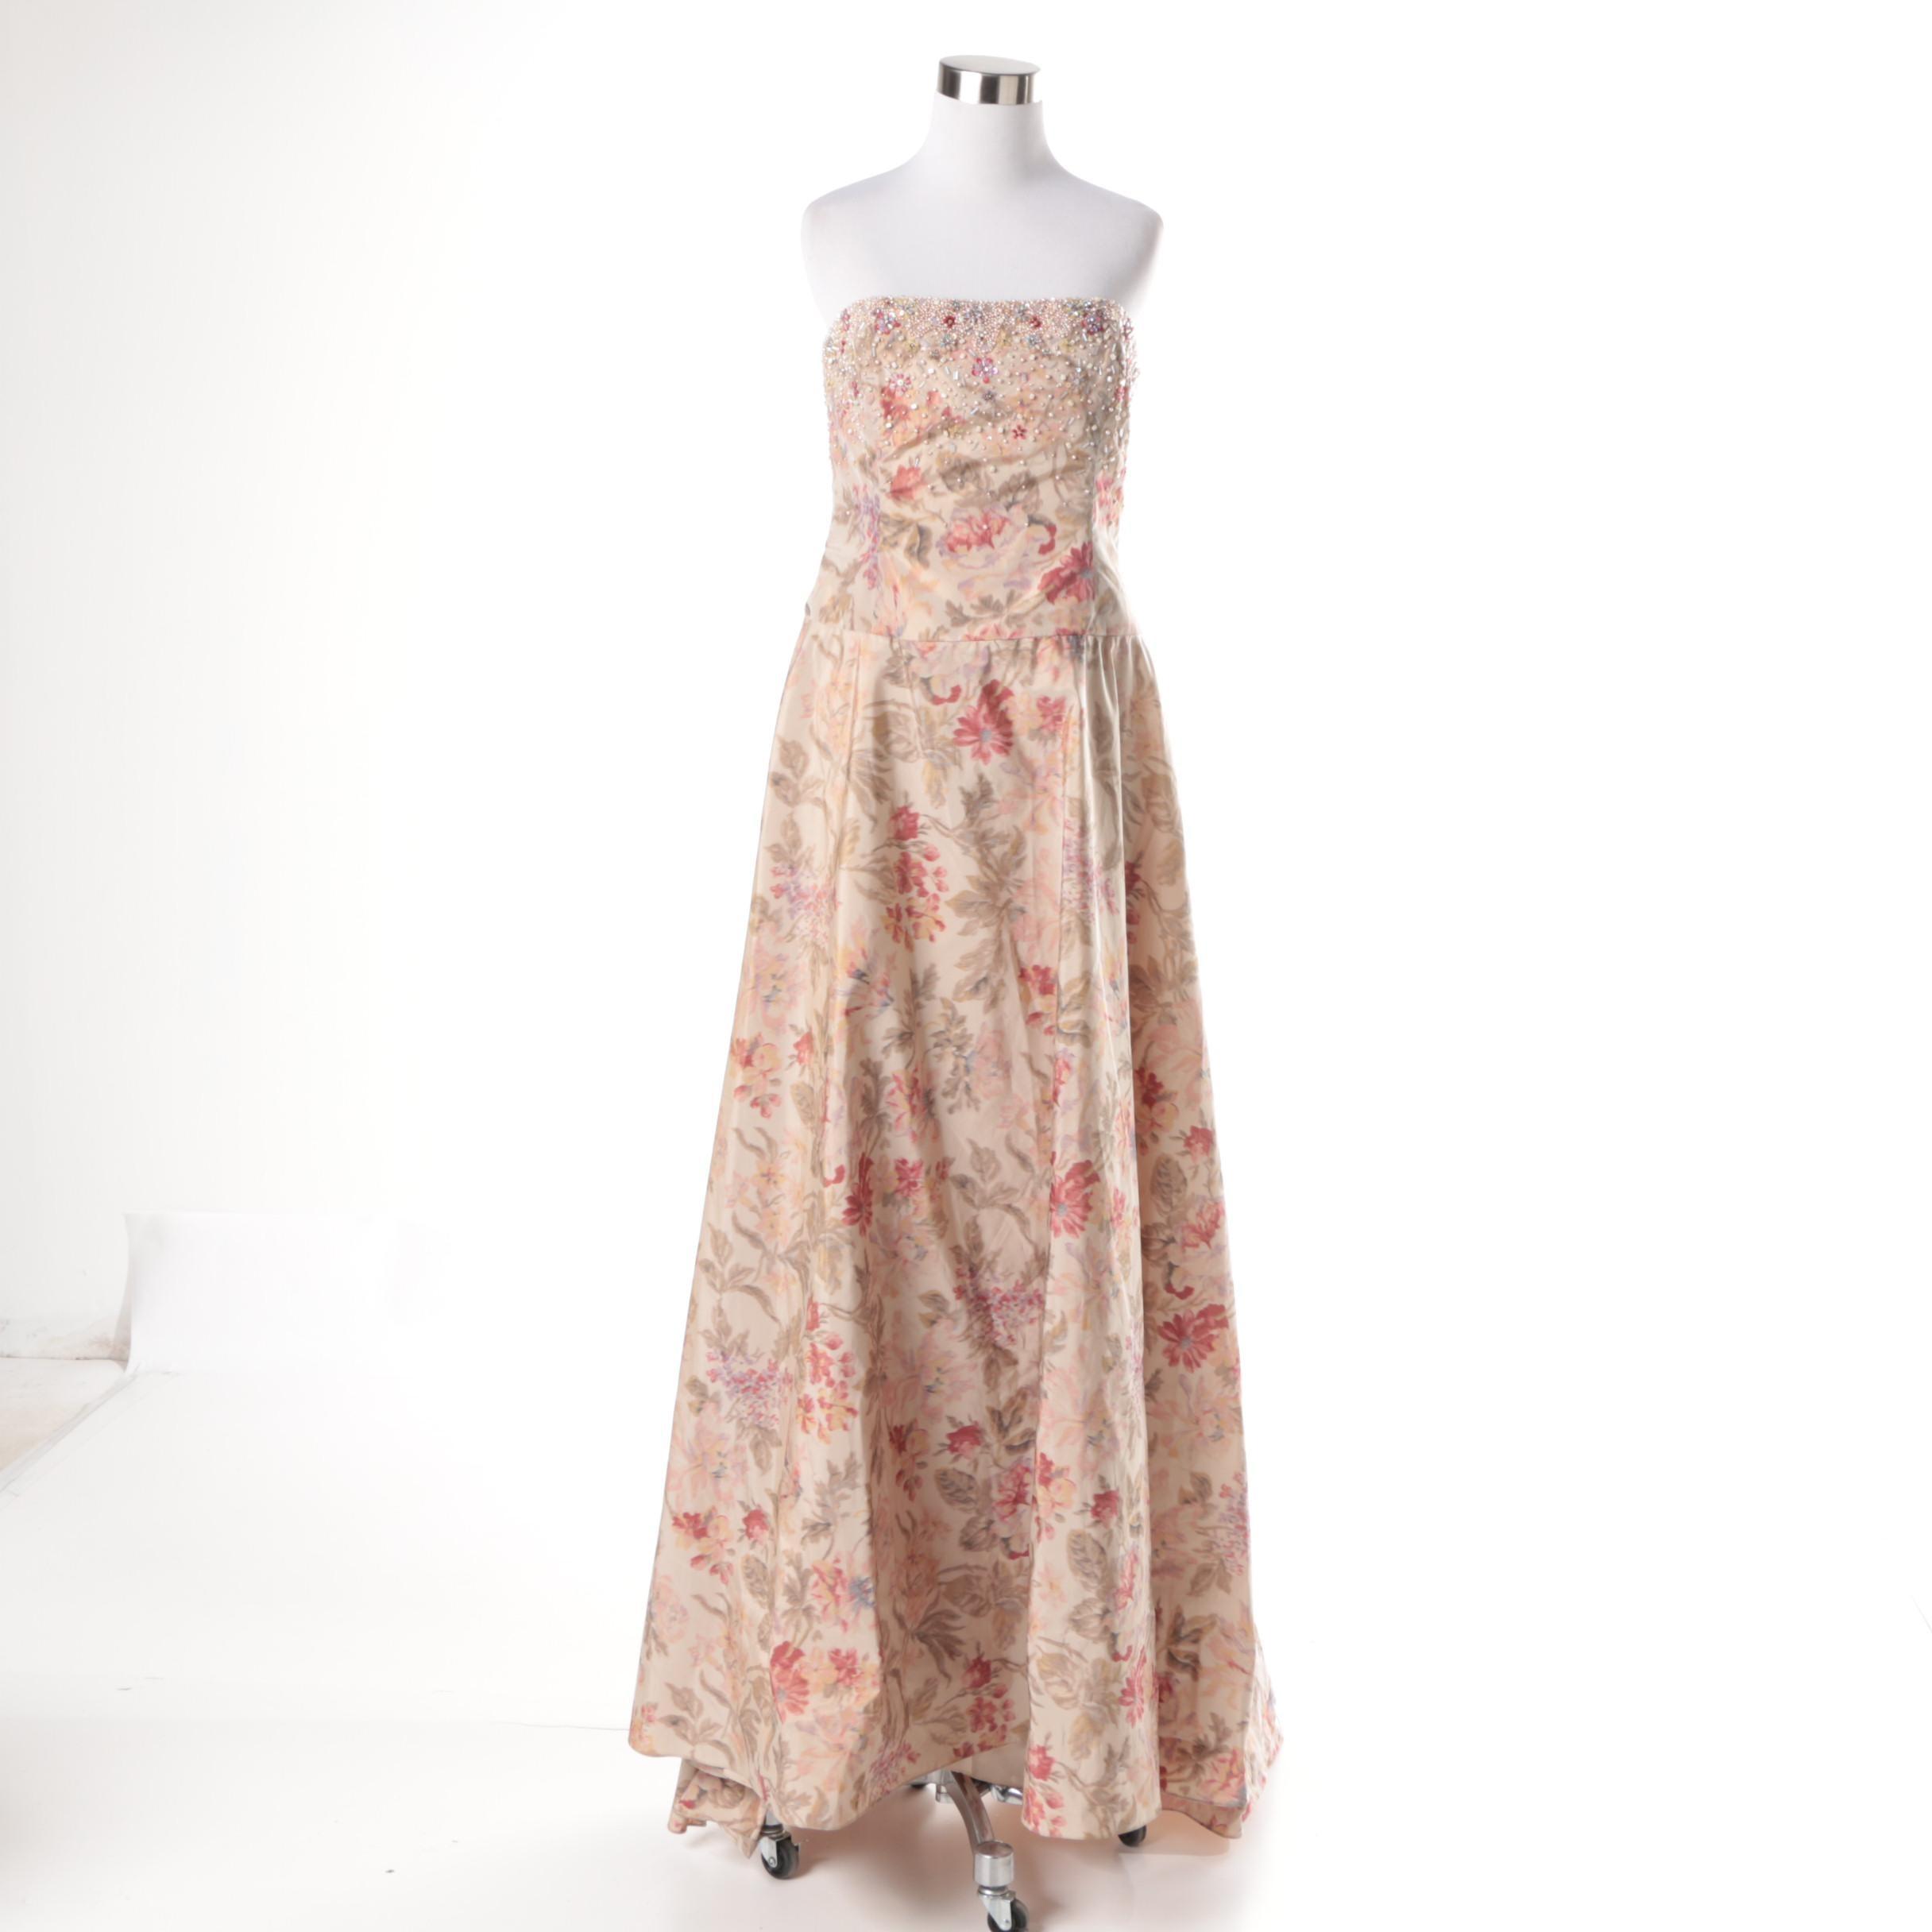 Badgley Mischka Floral Beaded Strapless Silk Blend Dress